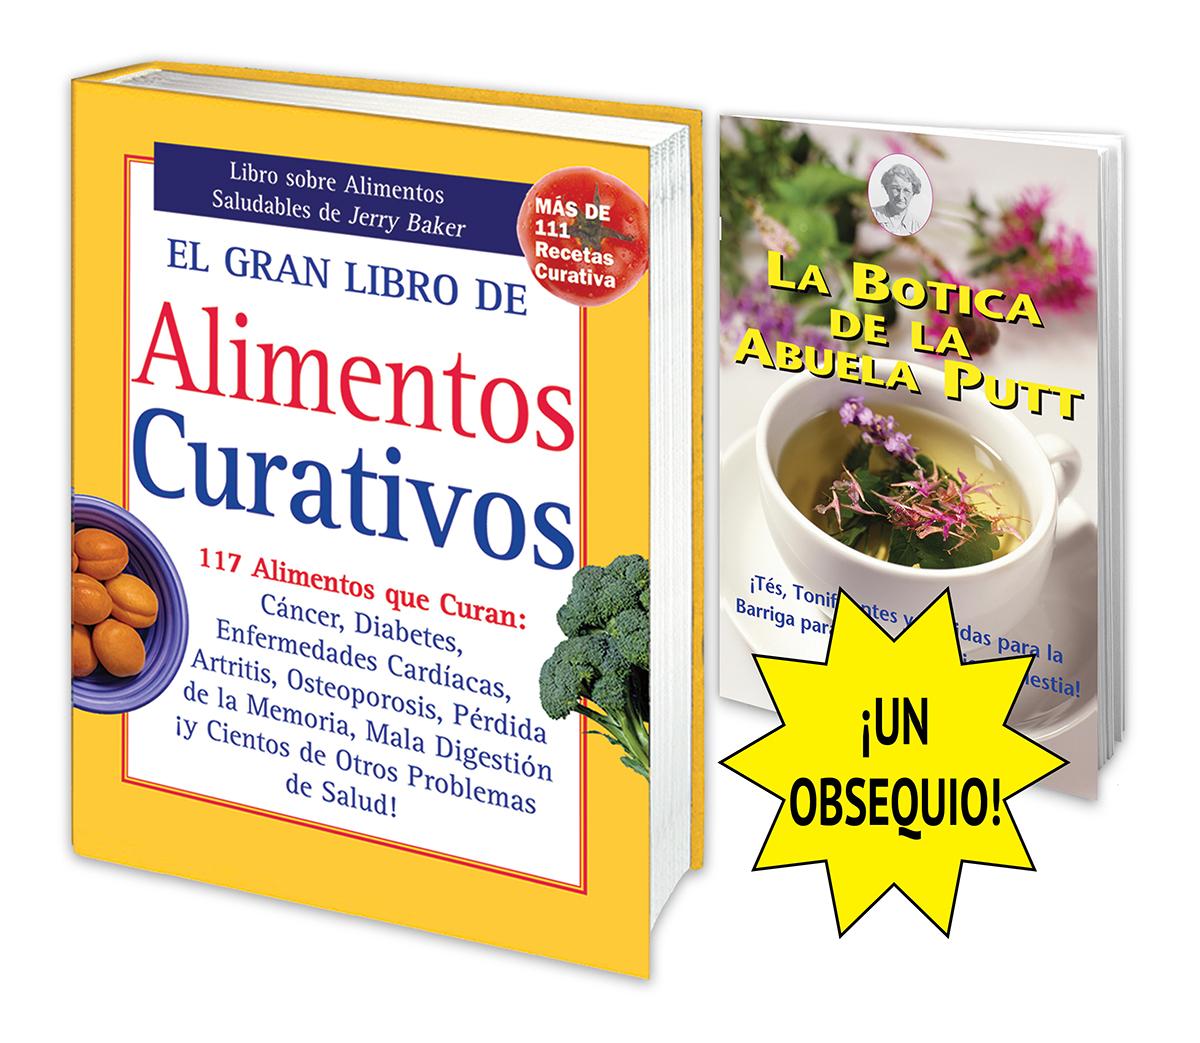 El Gran Libro de Alimentos Curativos